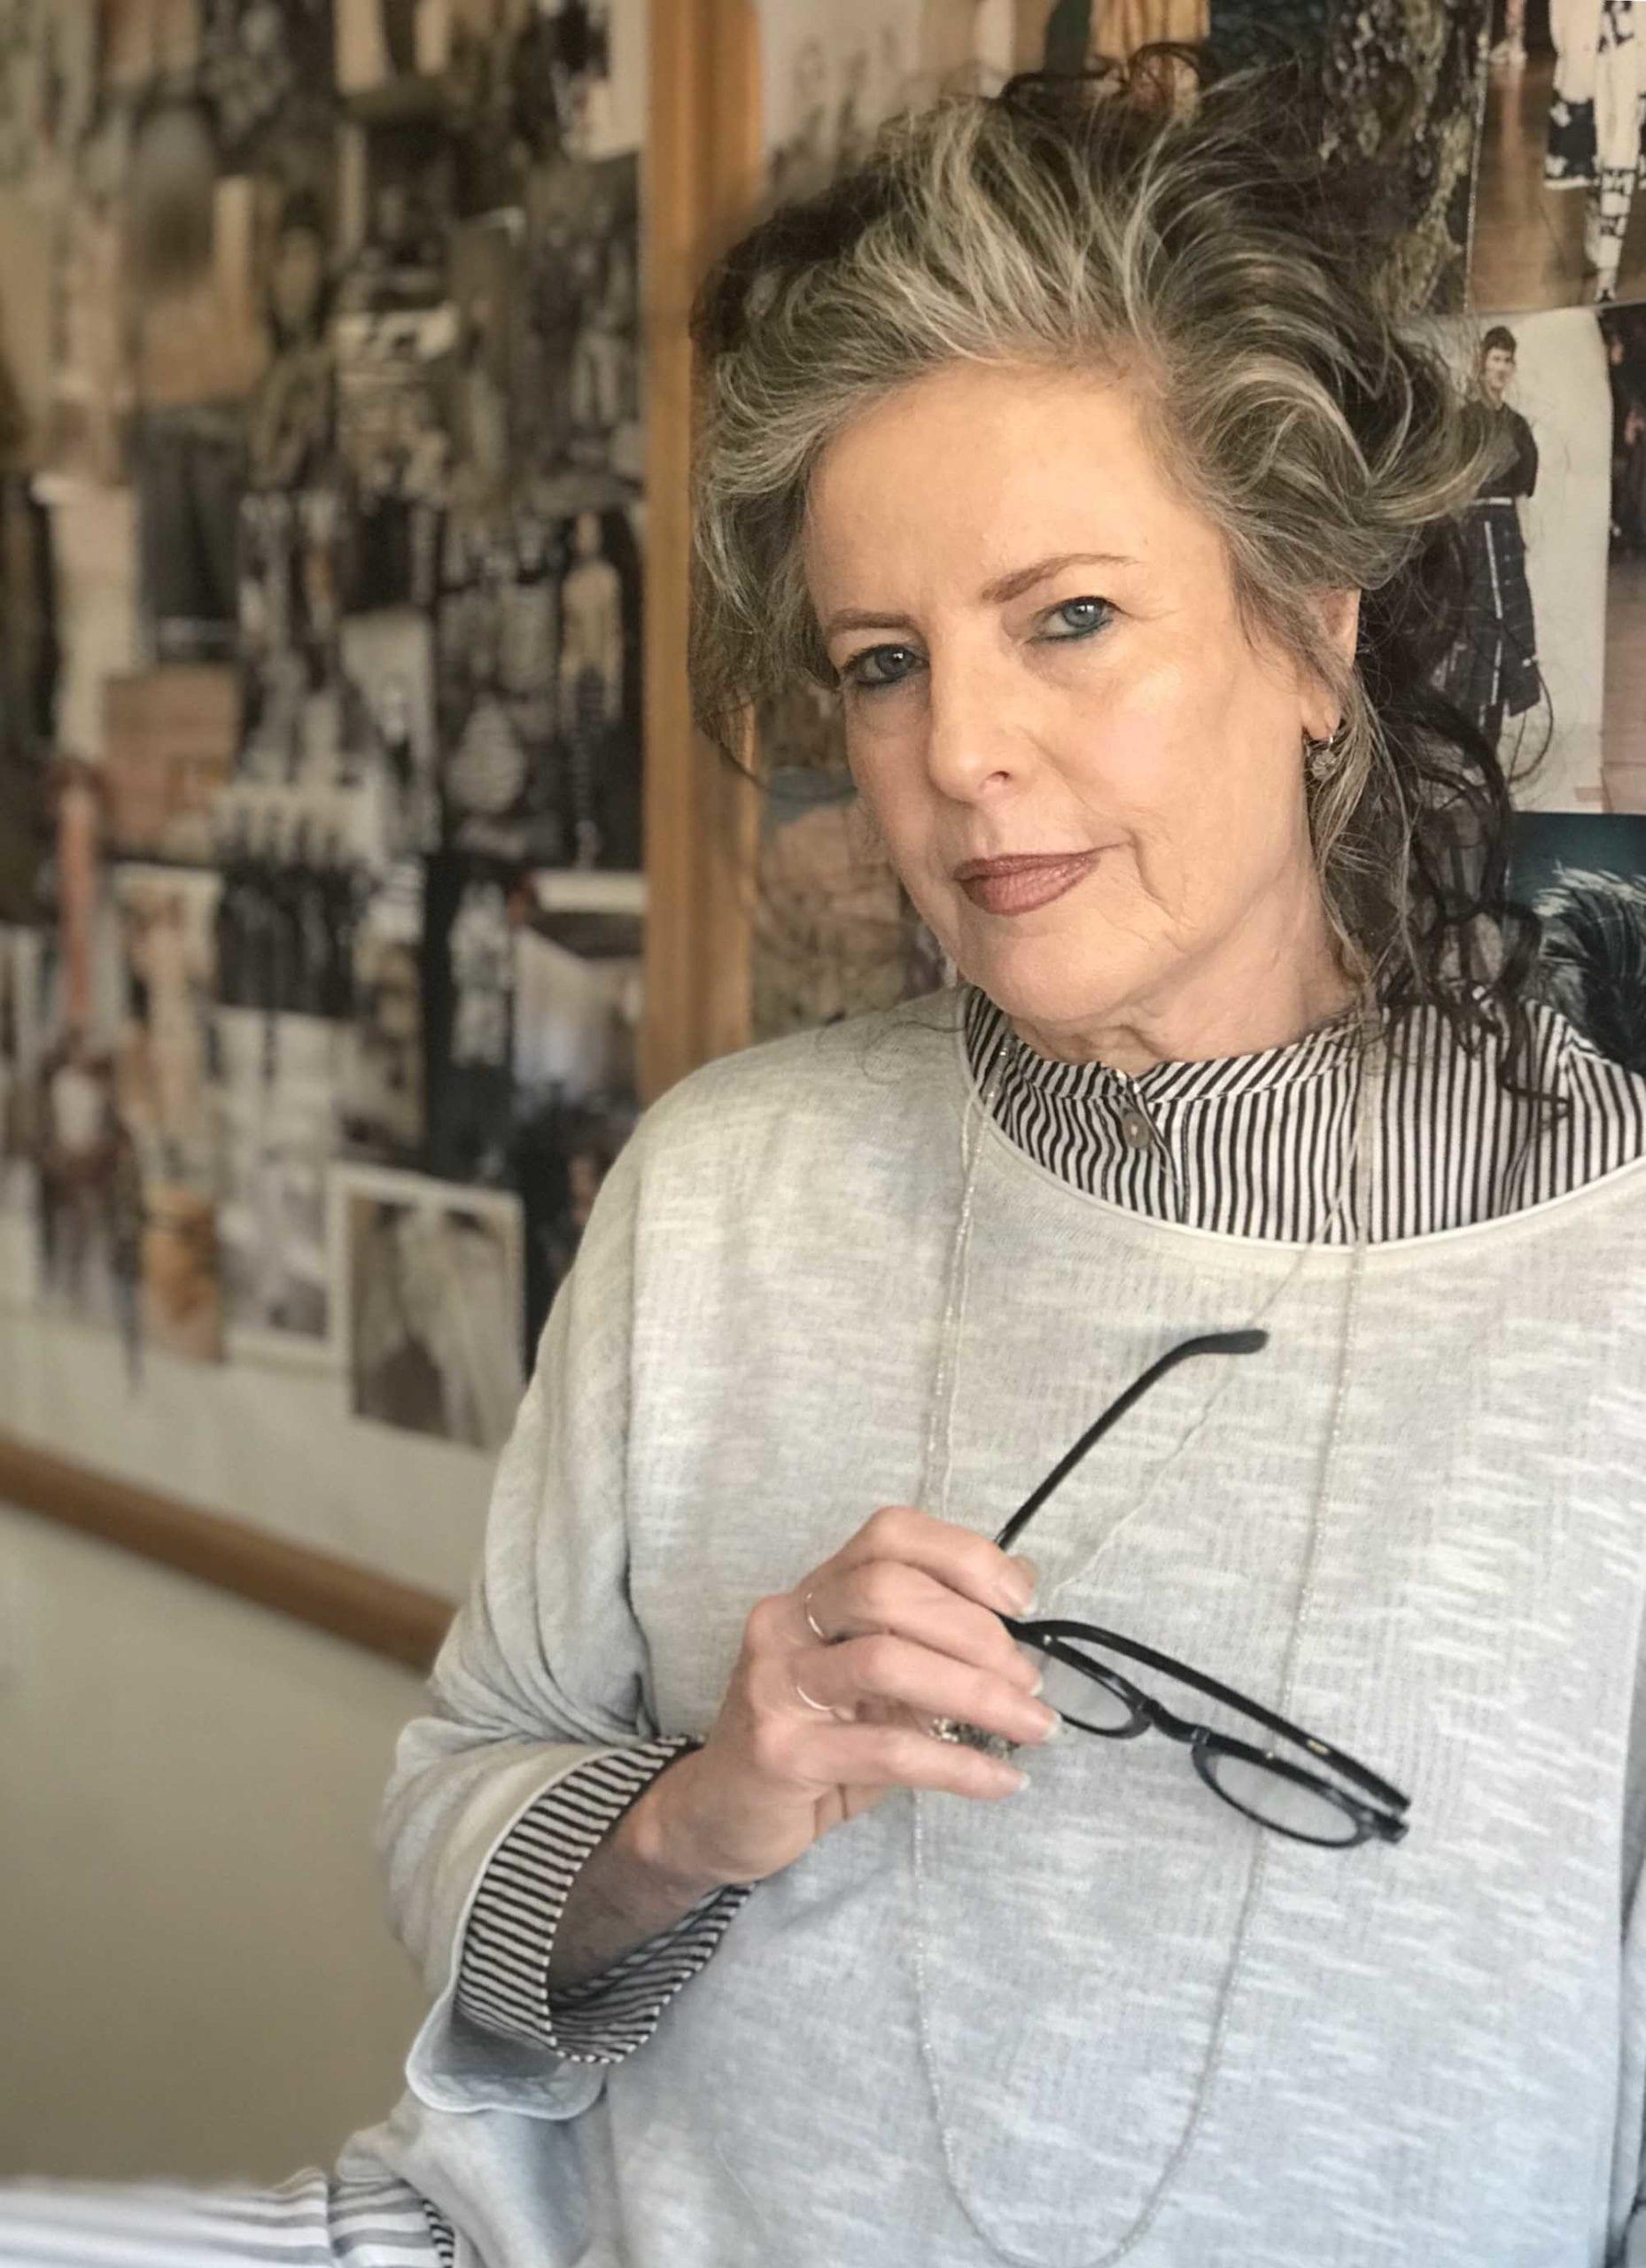 רינה צין,מעצבת  אופנה